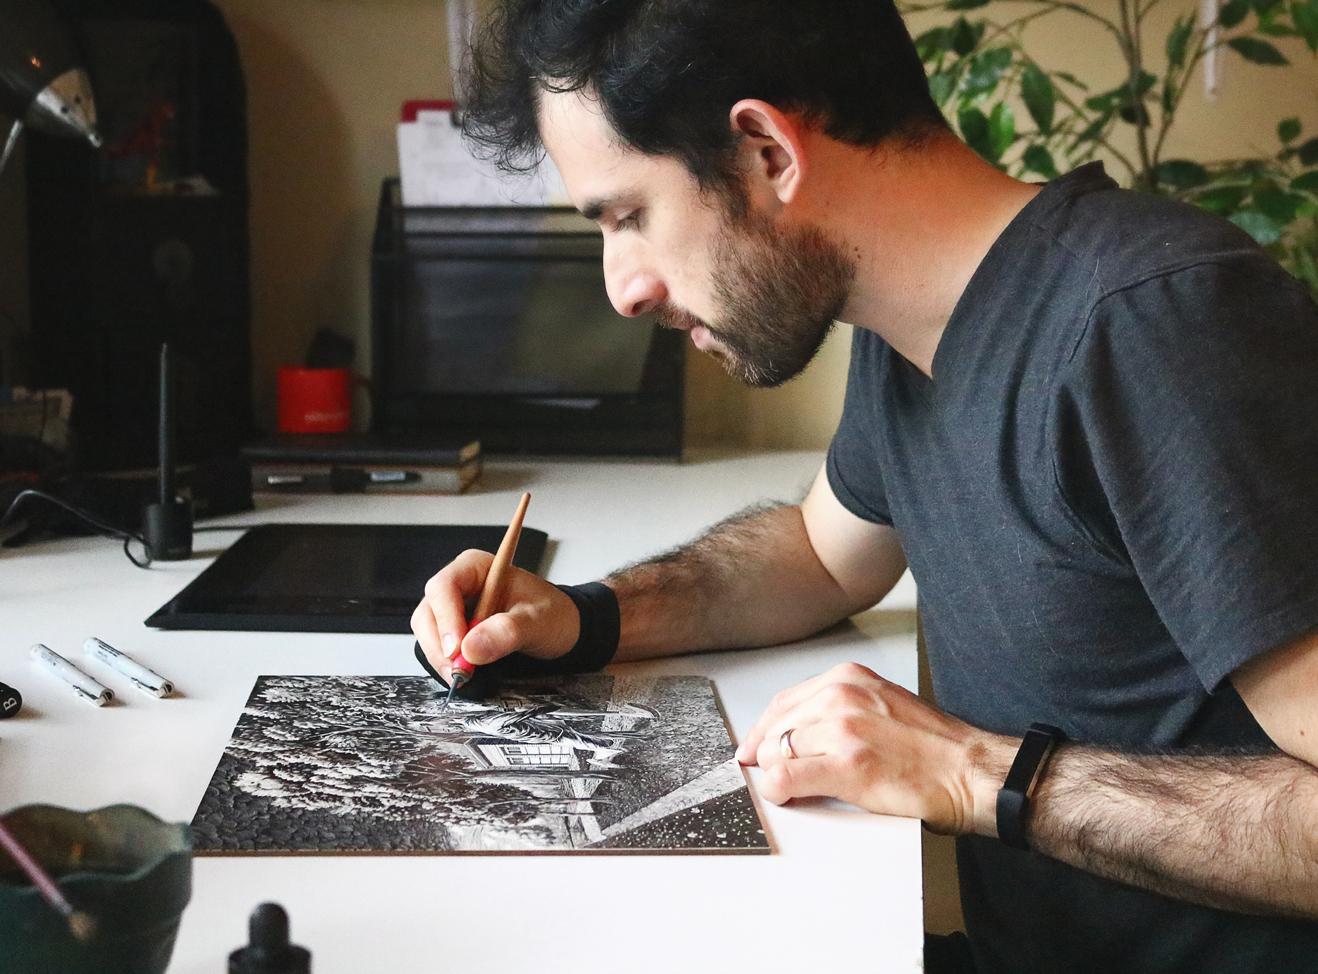 Alejo Porras working on a scratchboard